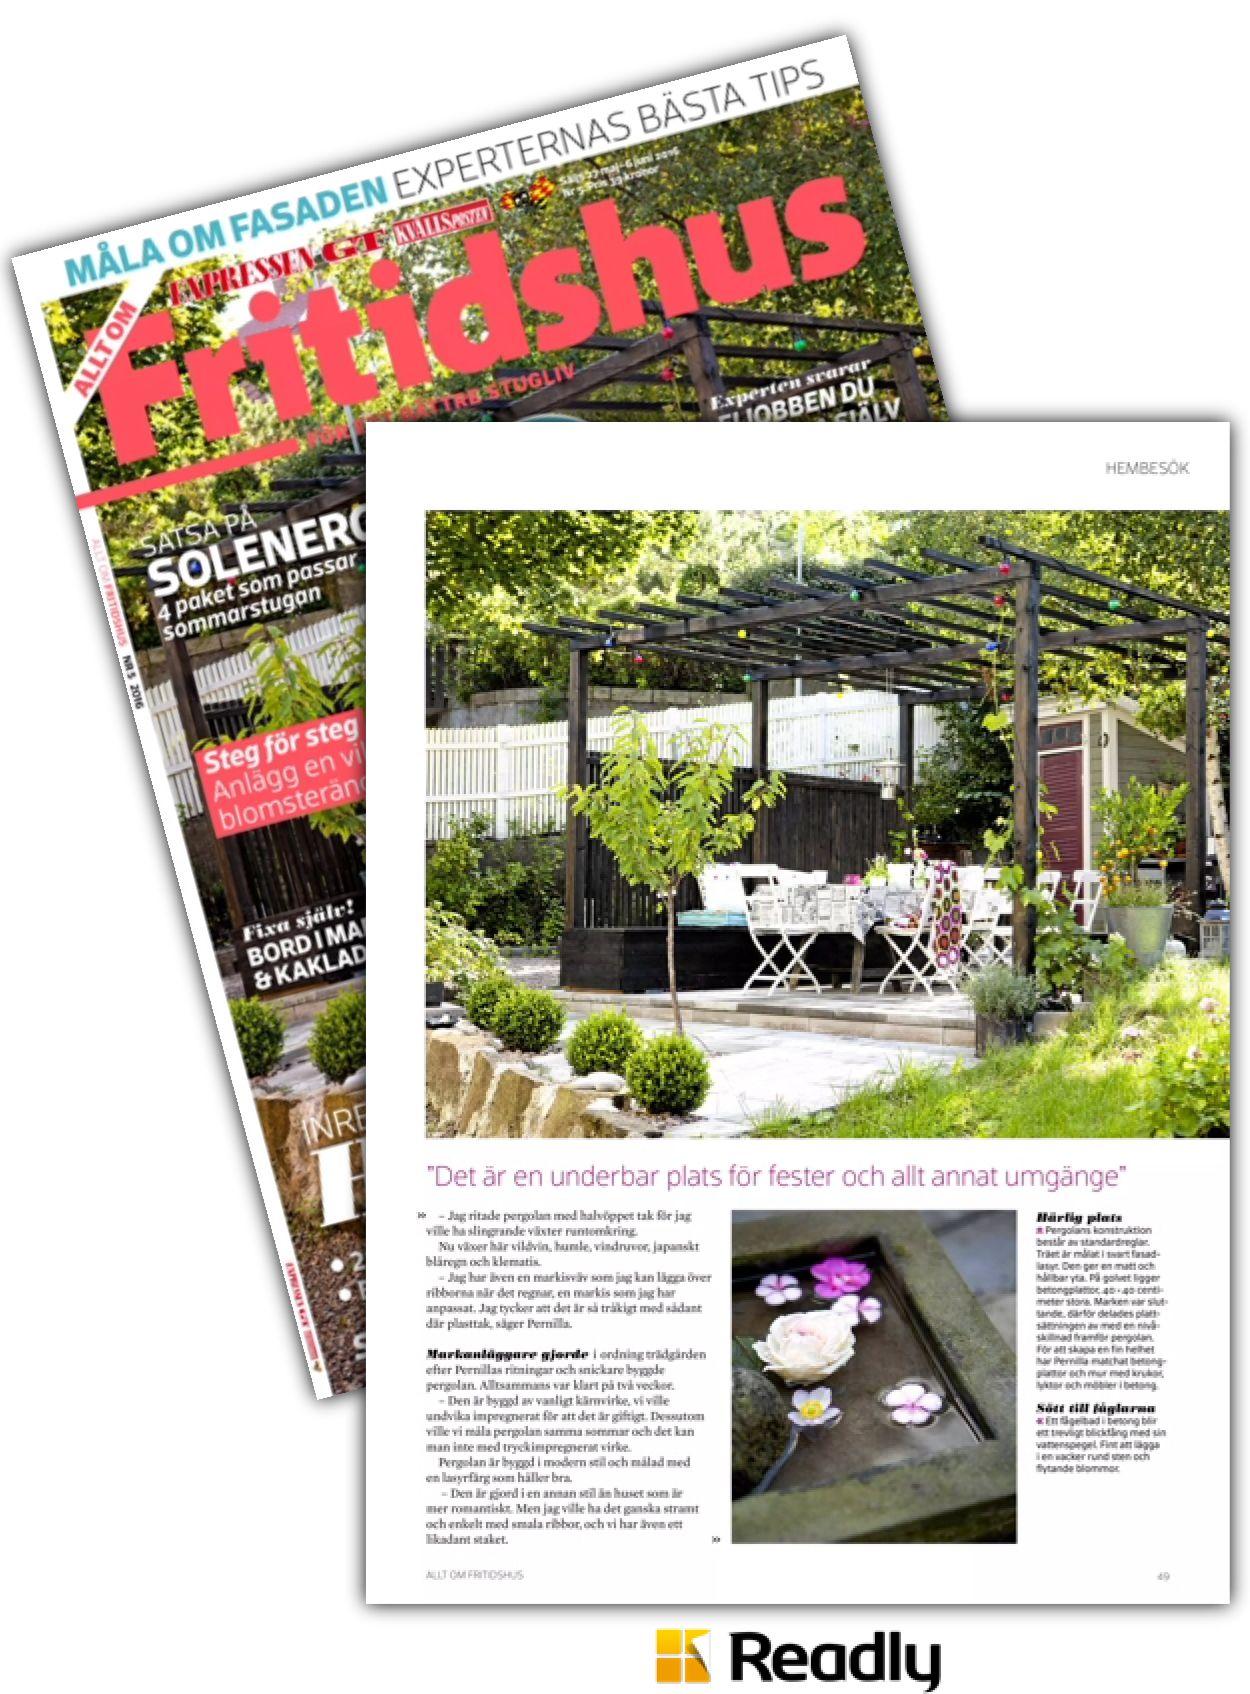 Tips om Allt om Fritidshus 27 maj 2016 sidan 49